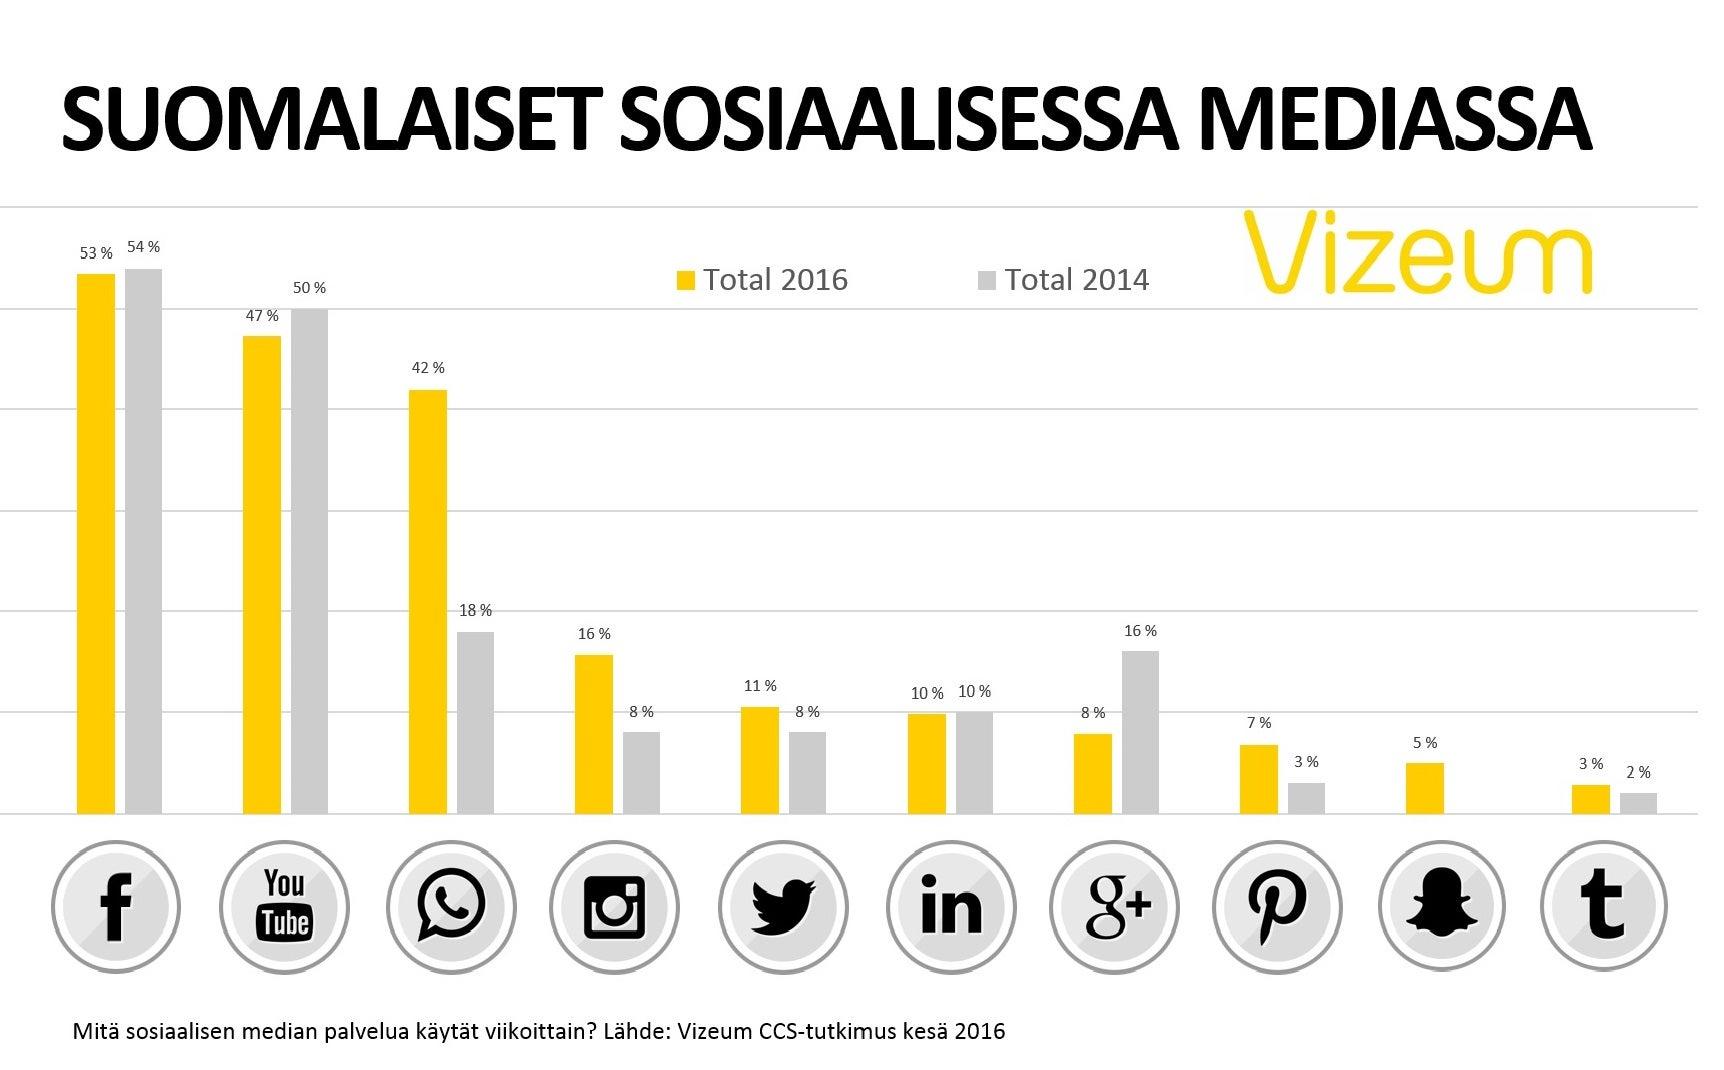 Suomalaiset sosiaalisessa mediassa